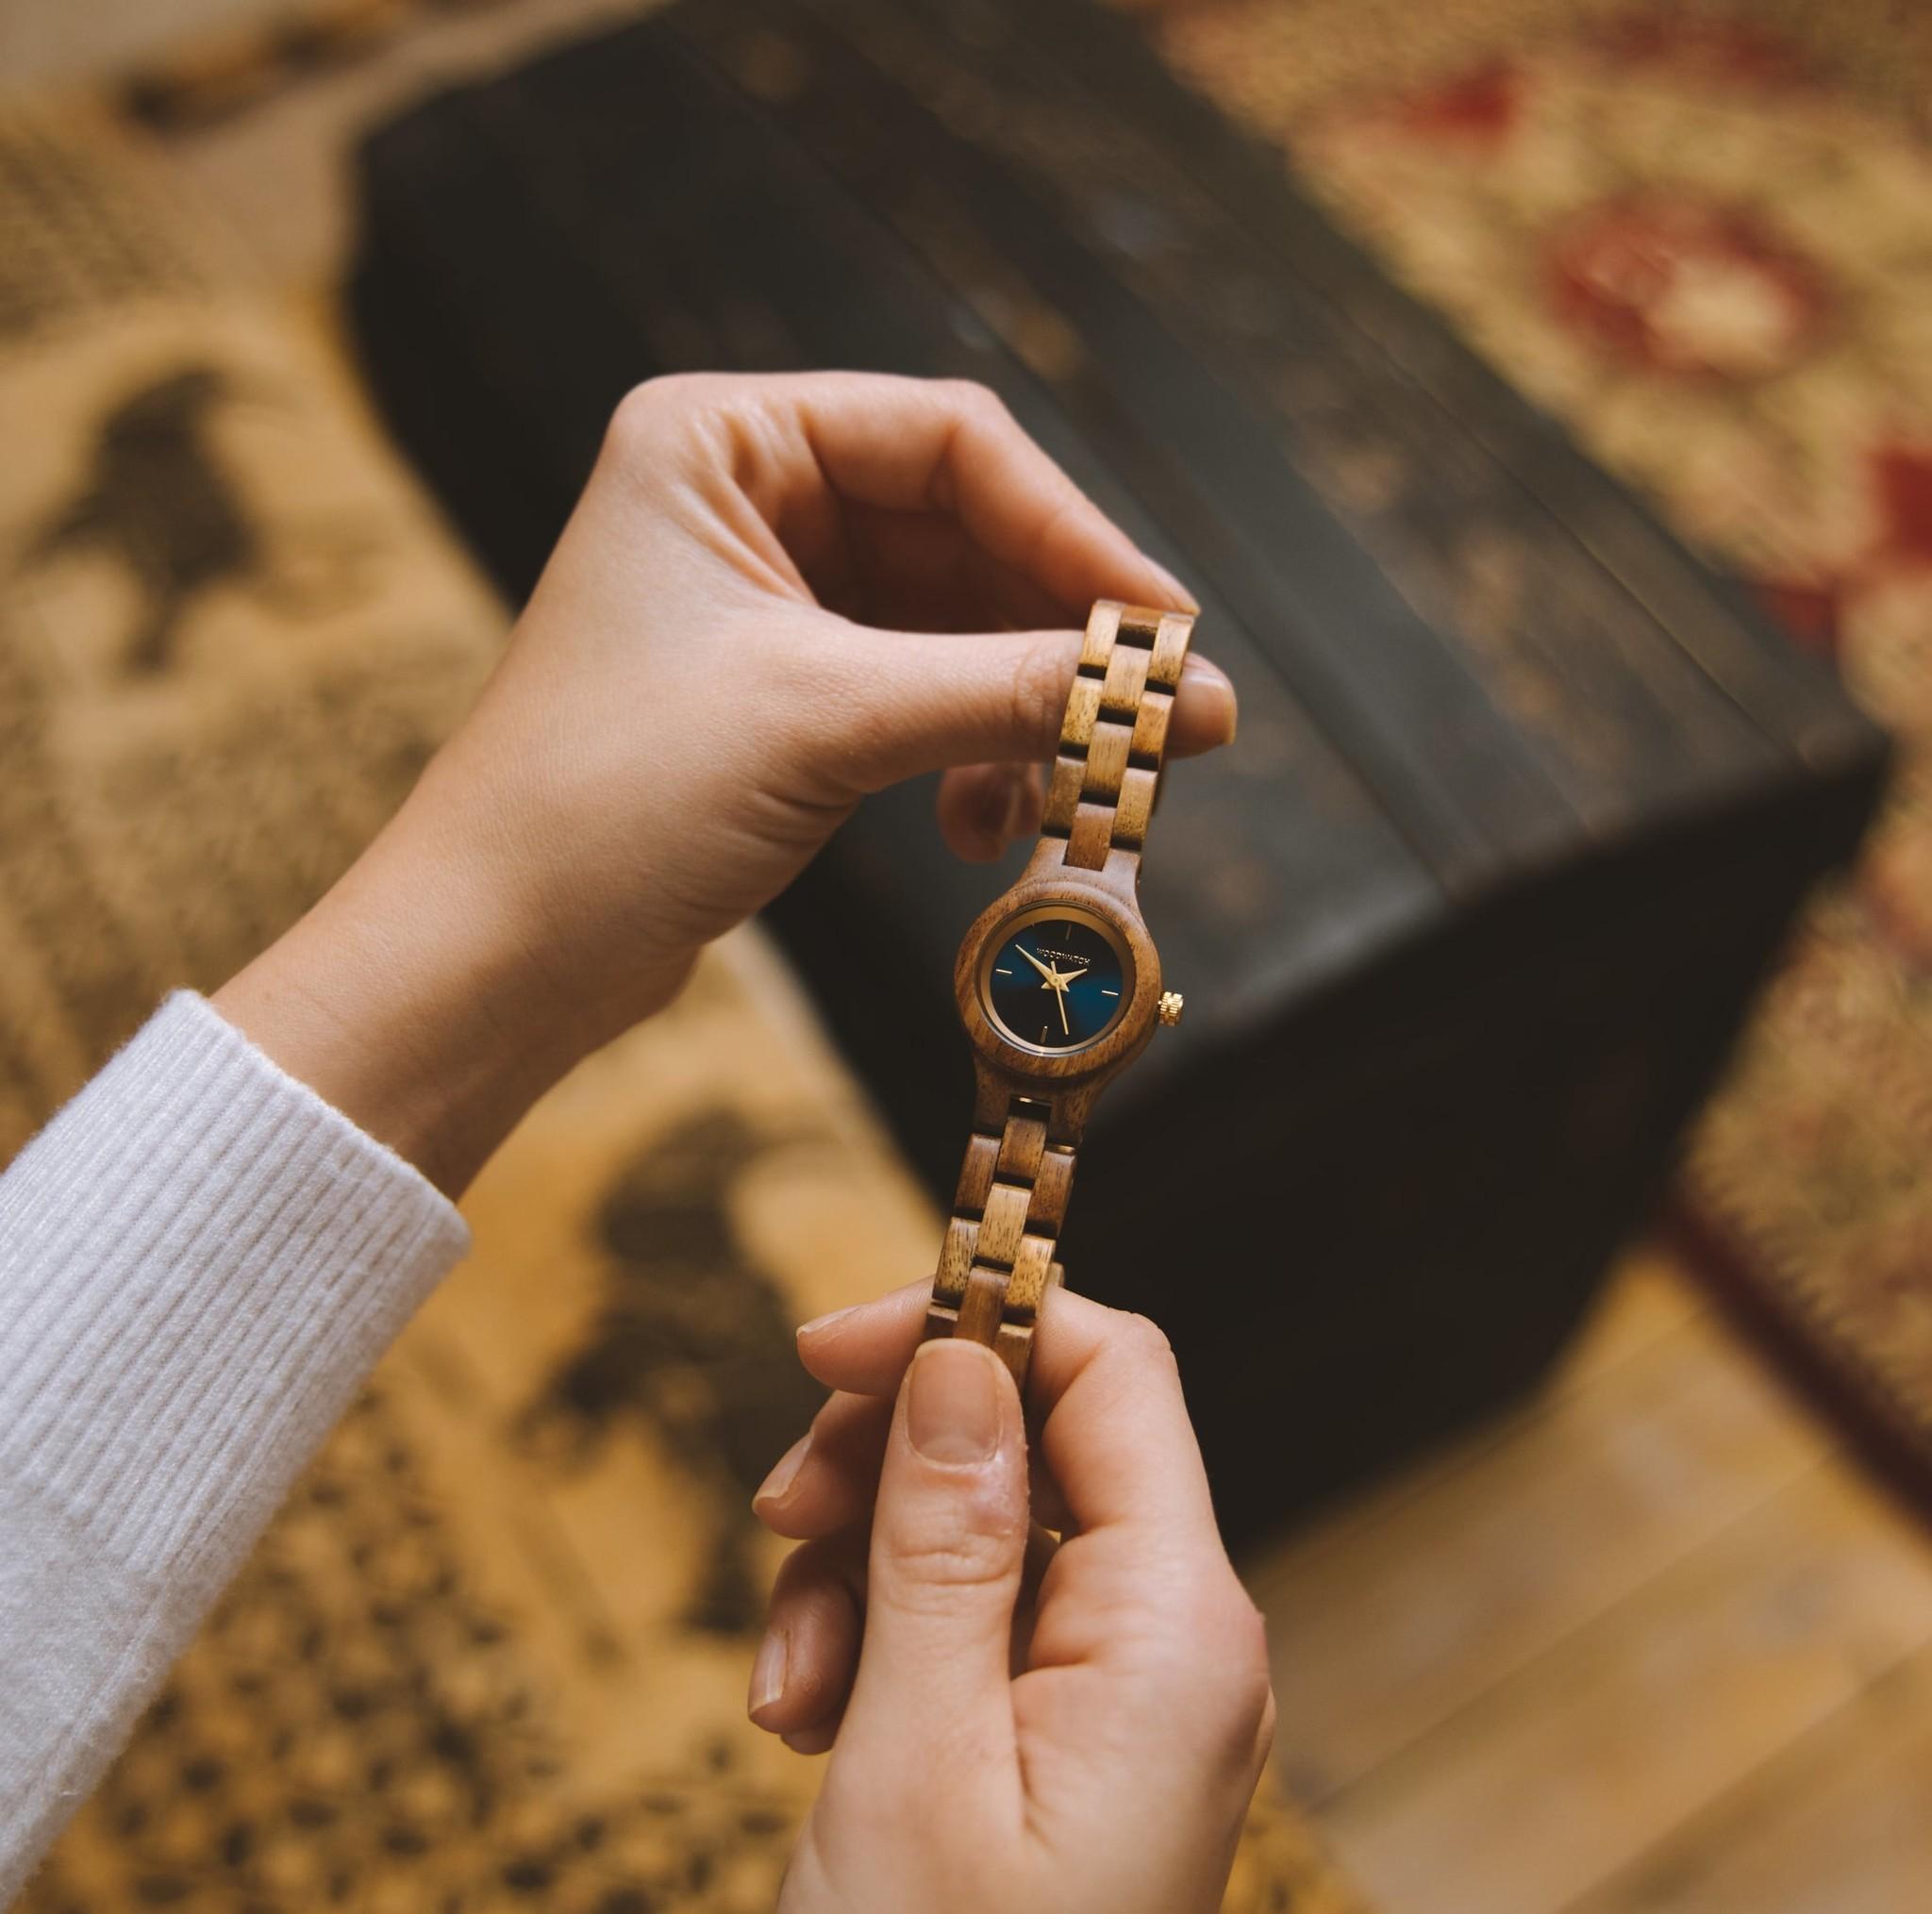 Uret Bellflower fra FLORA Collection er lavet i blødt akacie træ, der er håndlavet med det fineste, slanke design. Bellflower har en mørk marineblå urskive med gyldne detaljer.